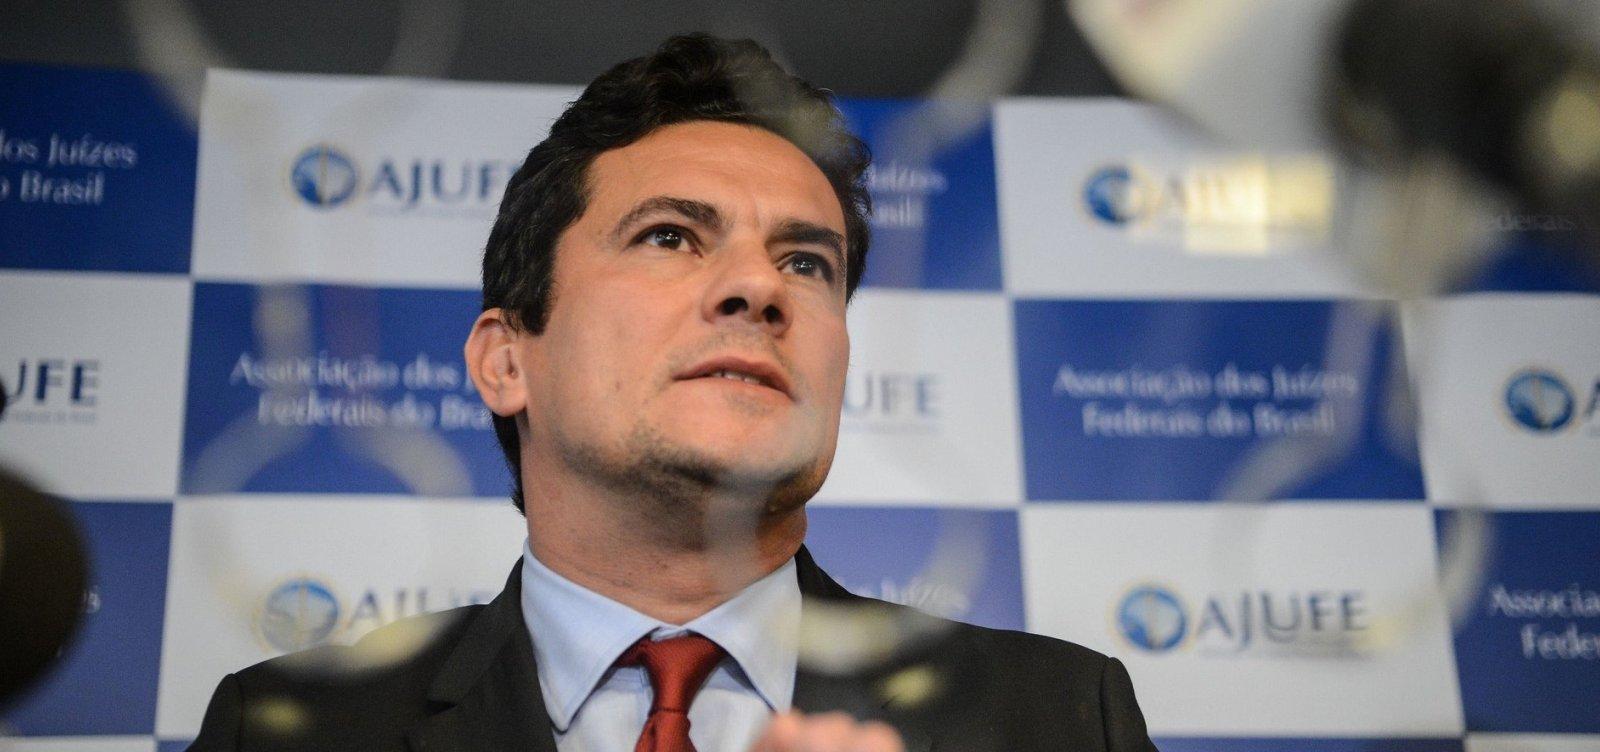 [Moro se esquiva sobre convite para integrar governo Bolsonaro]